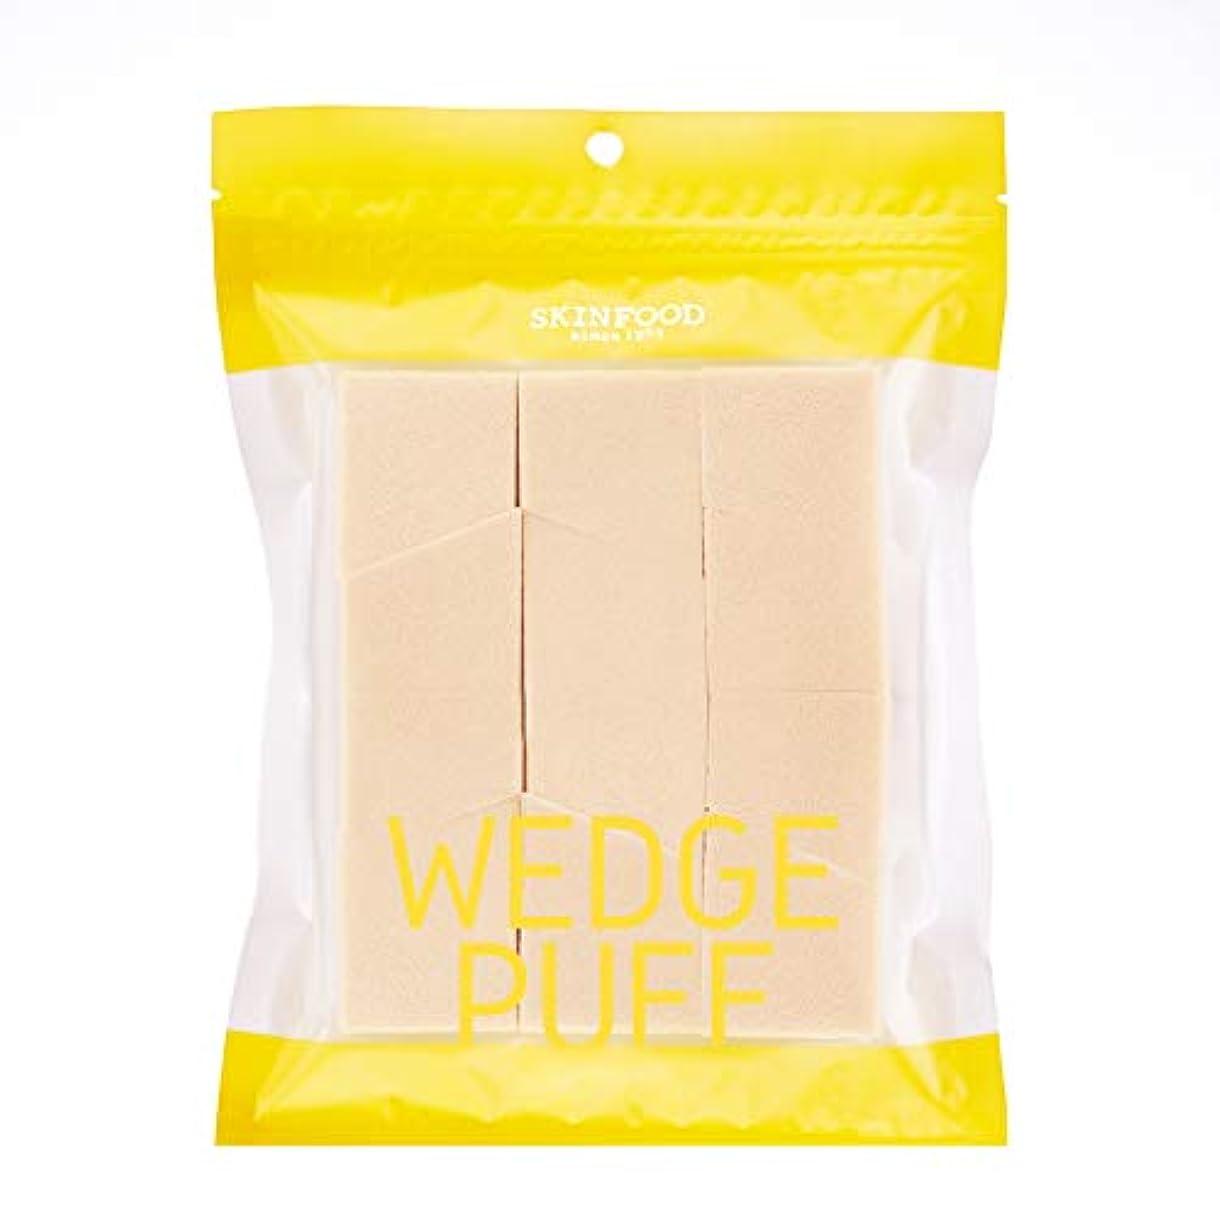 に話す刈り取るブリリアント[2016 New] SKINFOOD Wedge Puff Sponge Jumbo Size (12pcs)/スキンフード ウェッジ パフ スポンジ ジャンボサイズ (12個入り)